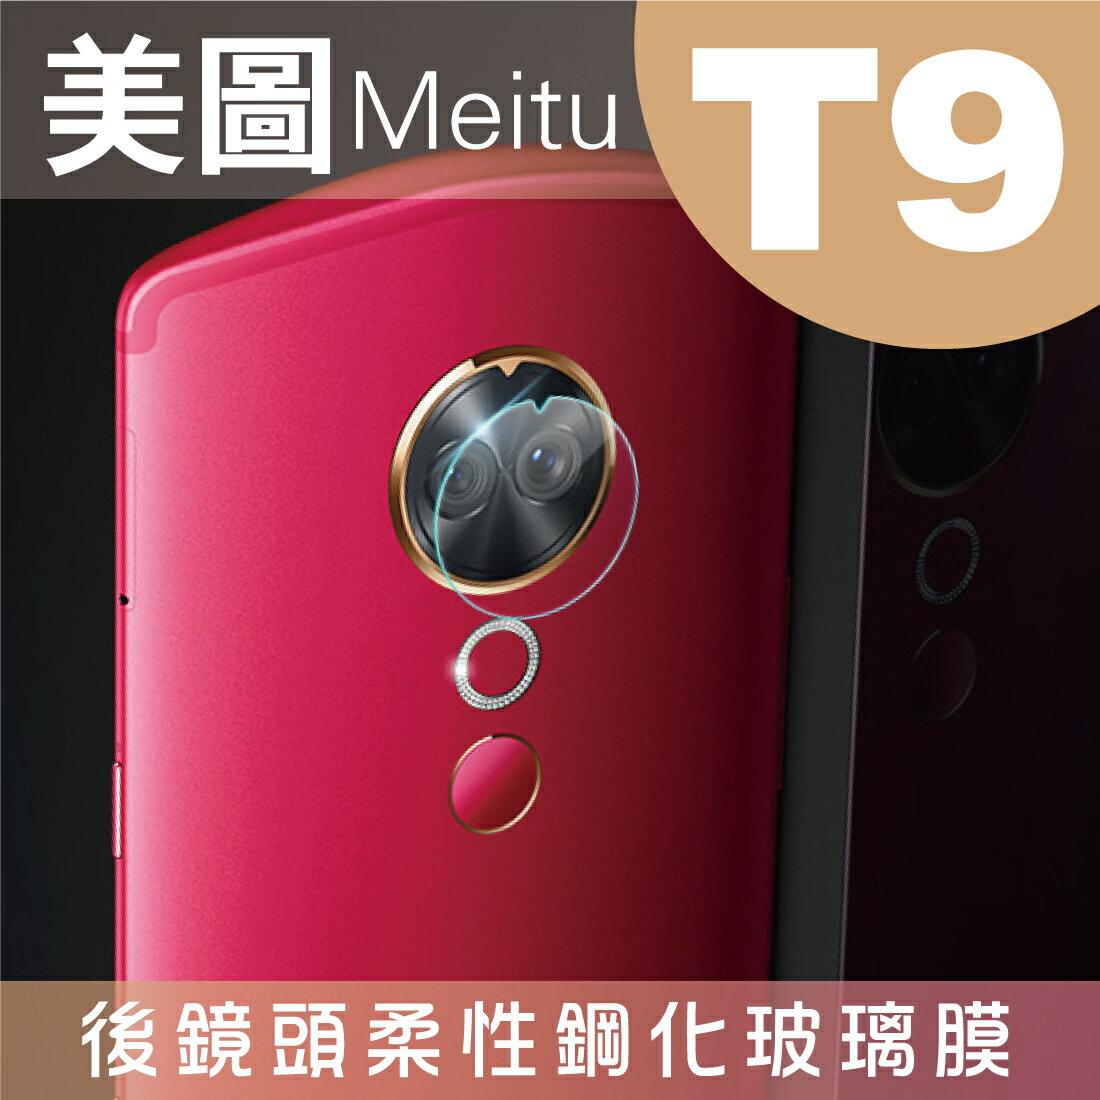 【美圖Meitu】 鏡頭保護系列 T9 V6 T8  /  M8  /  M8s  /  T8s後鏡頭鋼化保護貼【全館299免運】 1